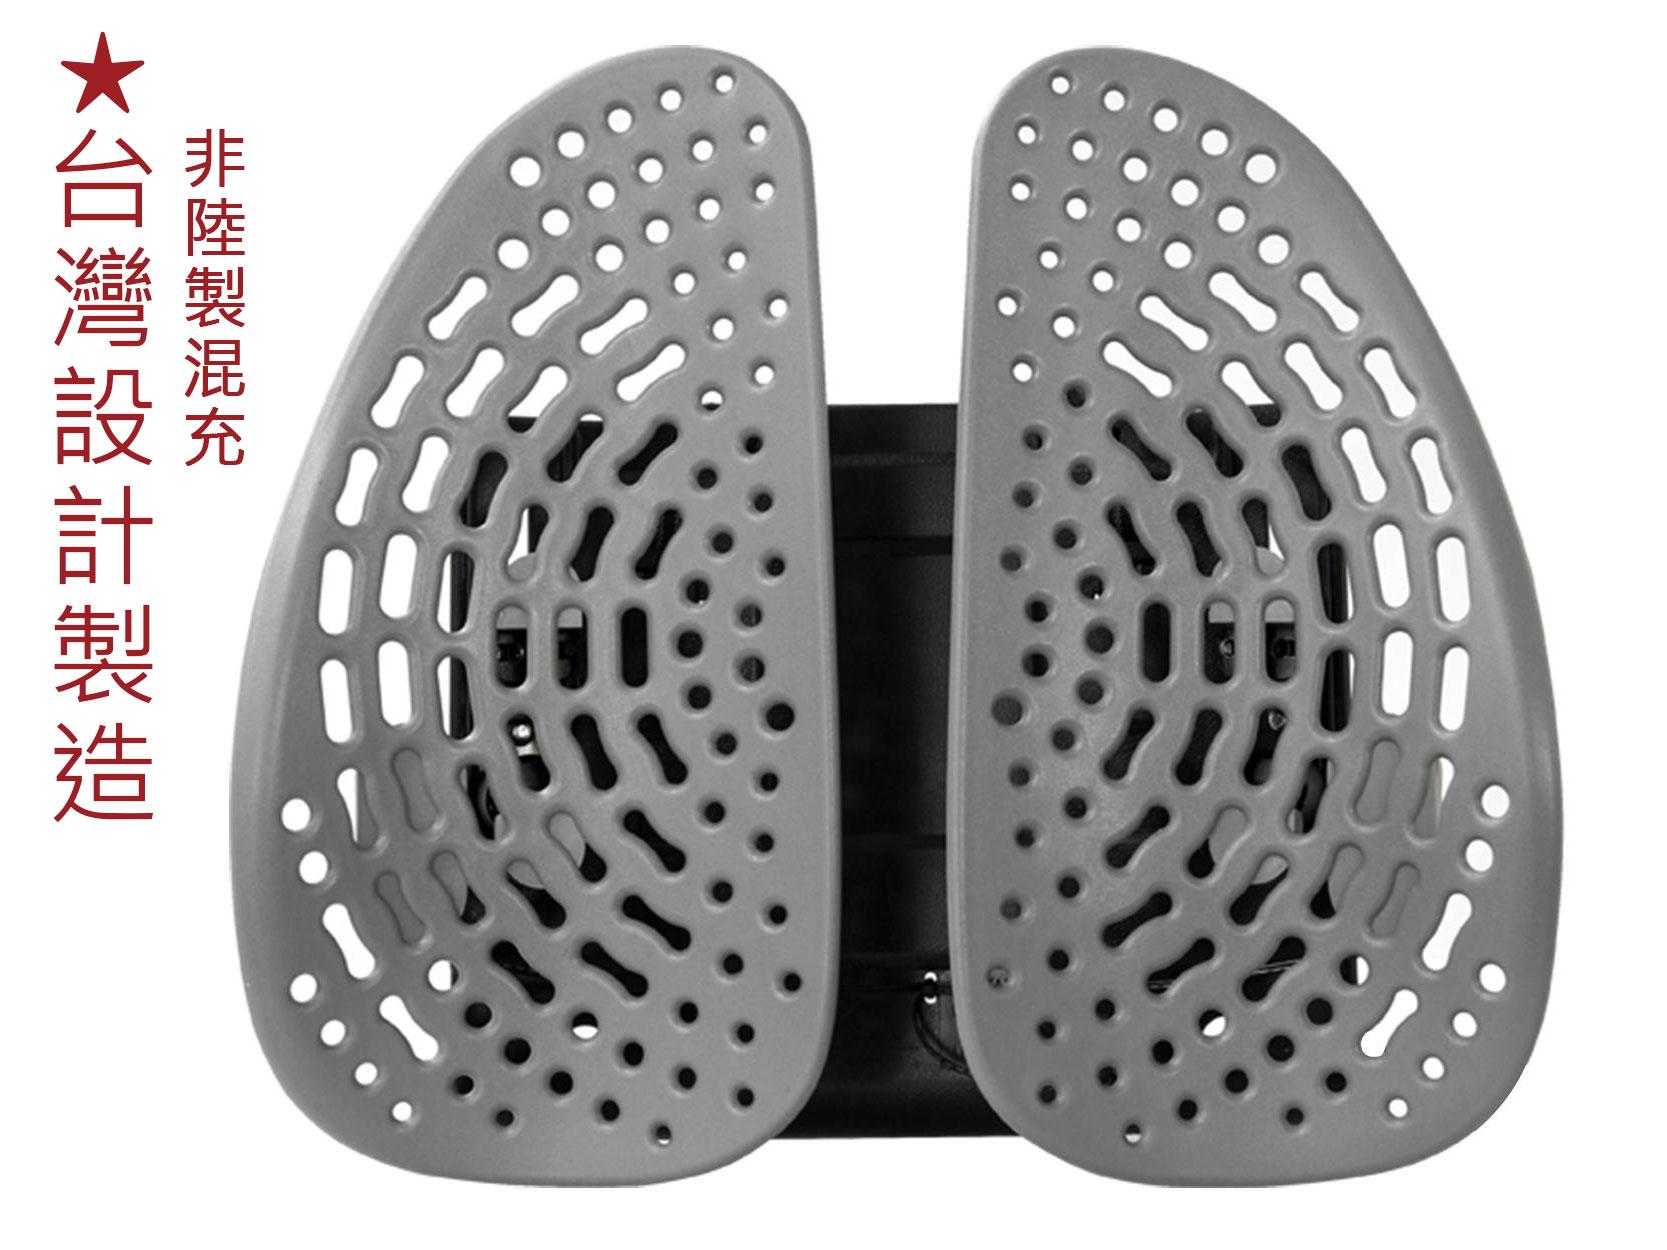 安能背克 Energy back SOHO-BACK 舒活透氣雙背墊 脊椎護腰靠背 舒活減壓透氣坐椅腰靠墊